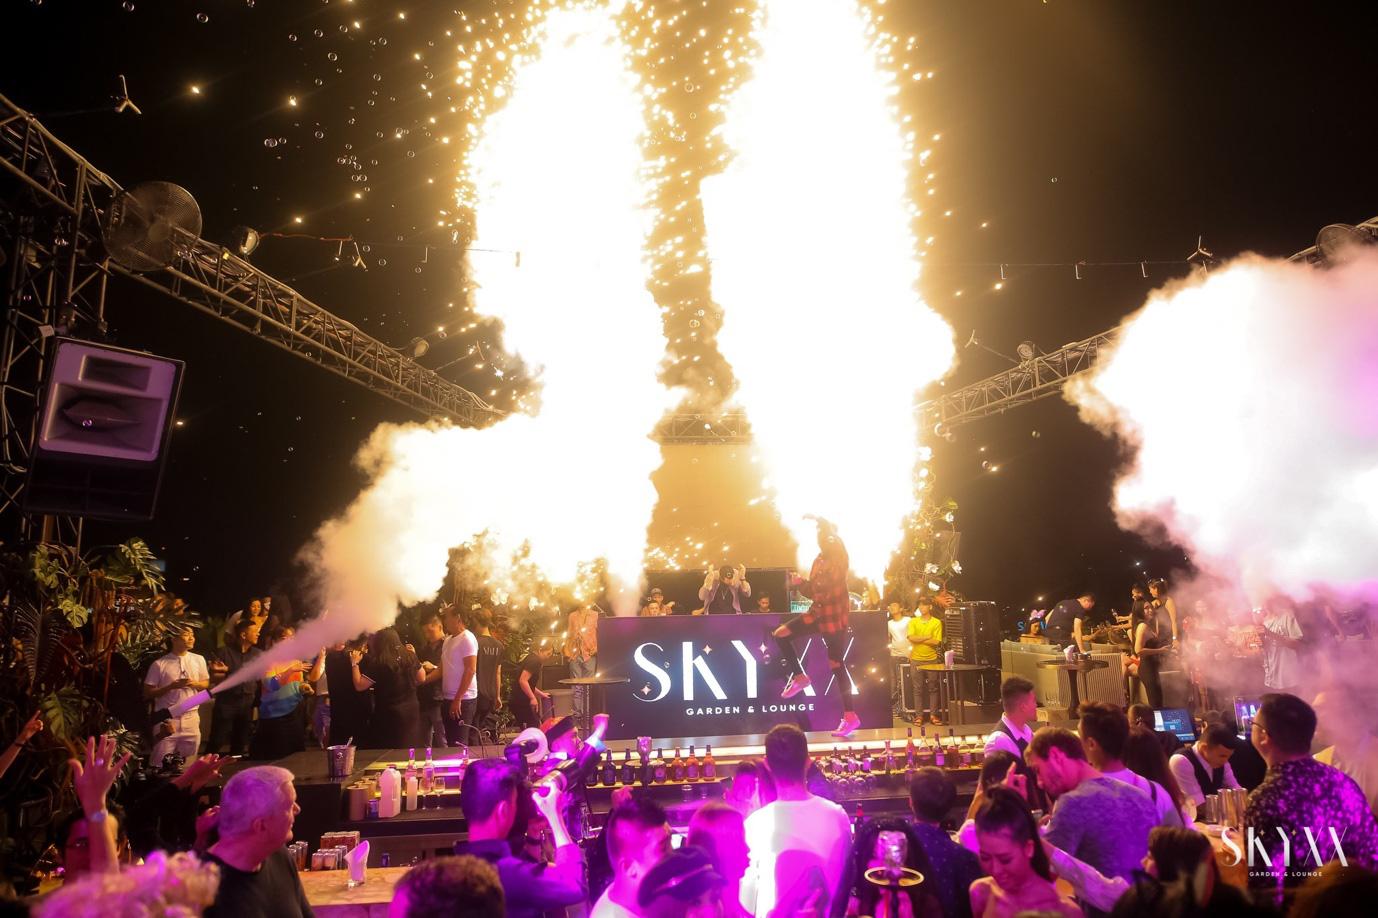 Huyền thoại Markus Schulz sẽ biểu diễn tại Sài Gòn vào 21/11 - Ảnh 4.